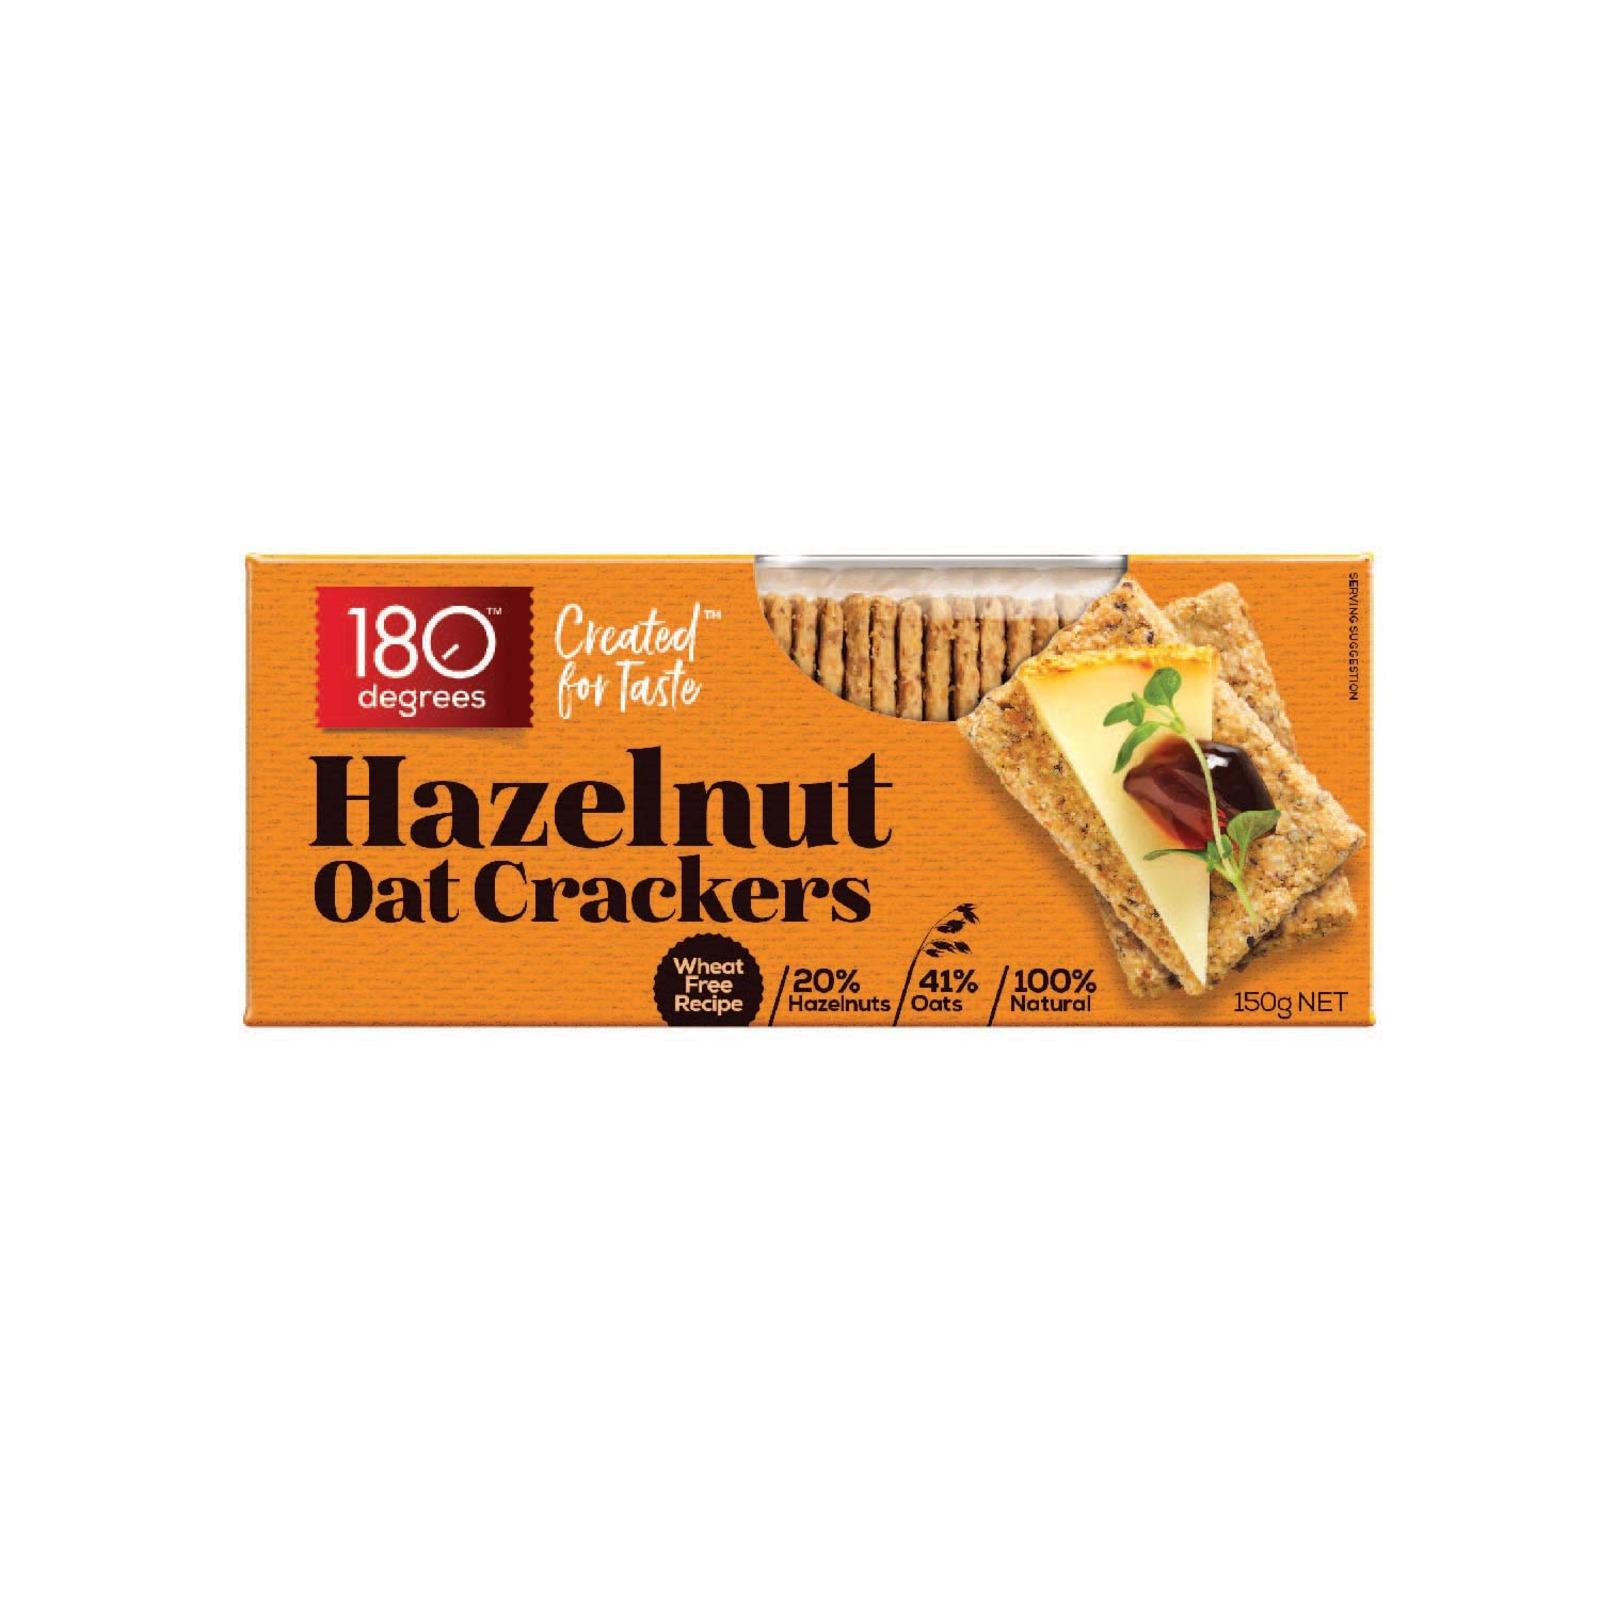 180 Degree Hazelnut Oat Crackers